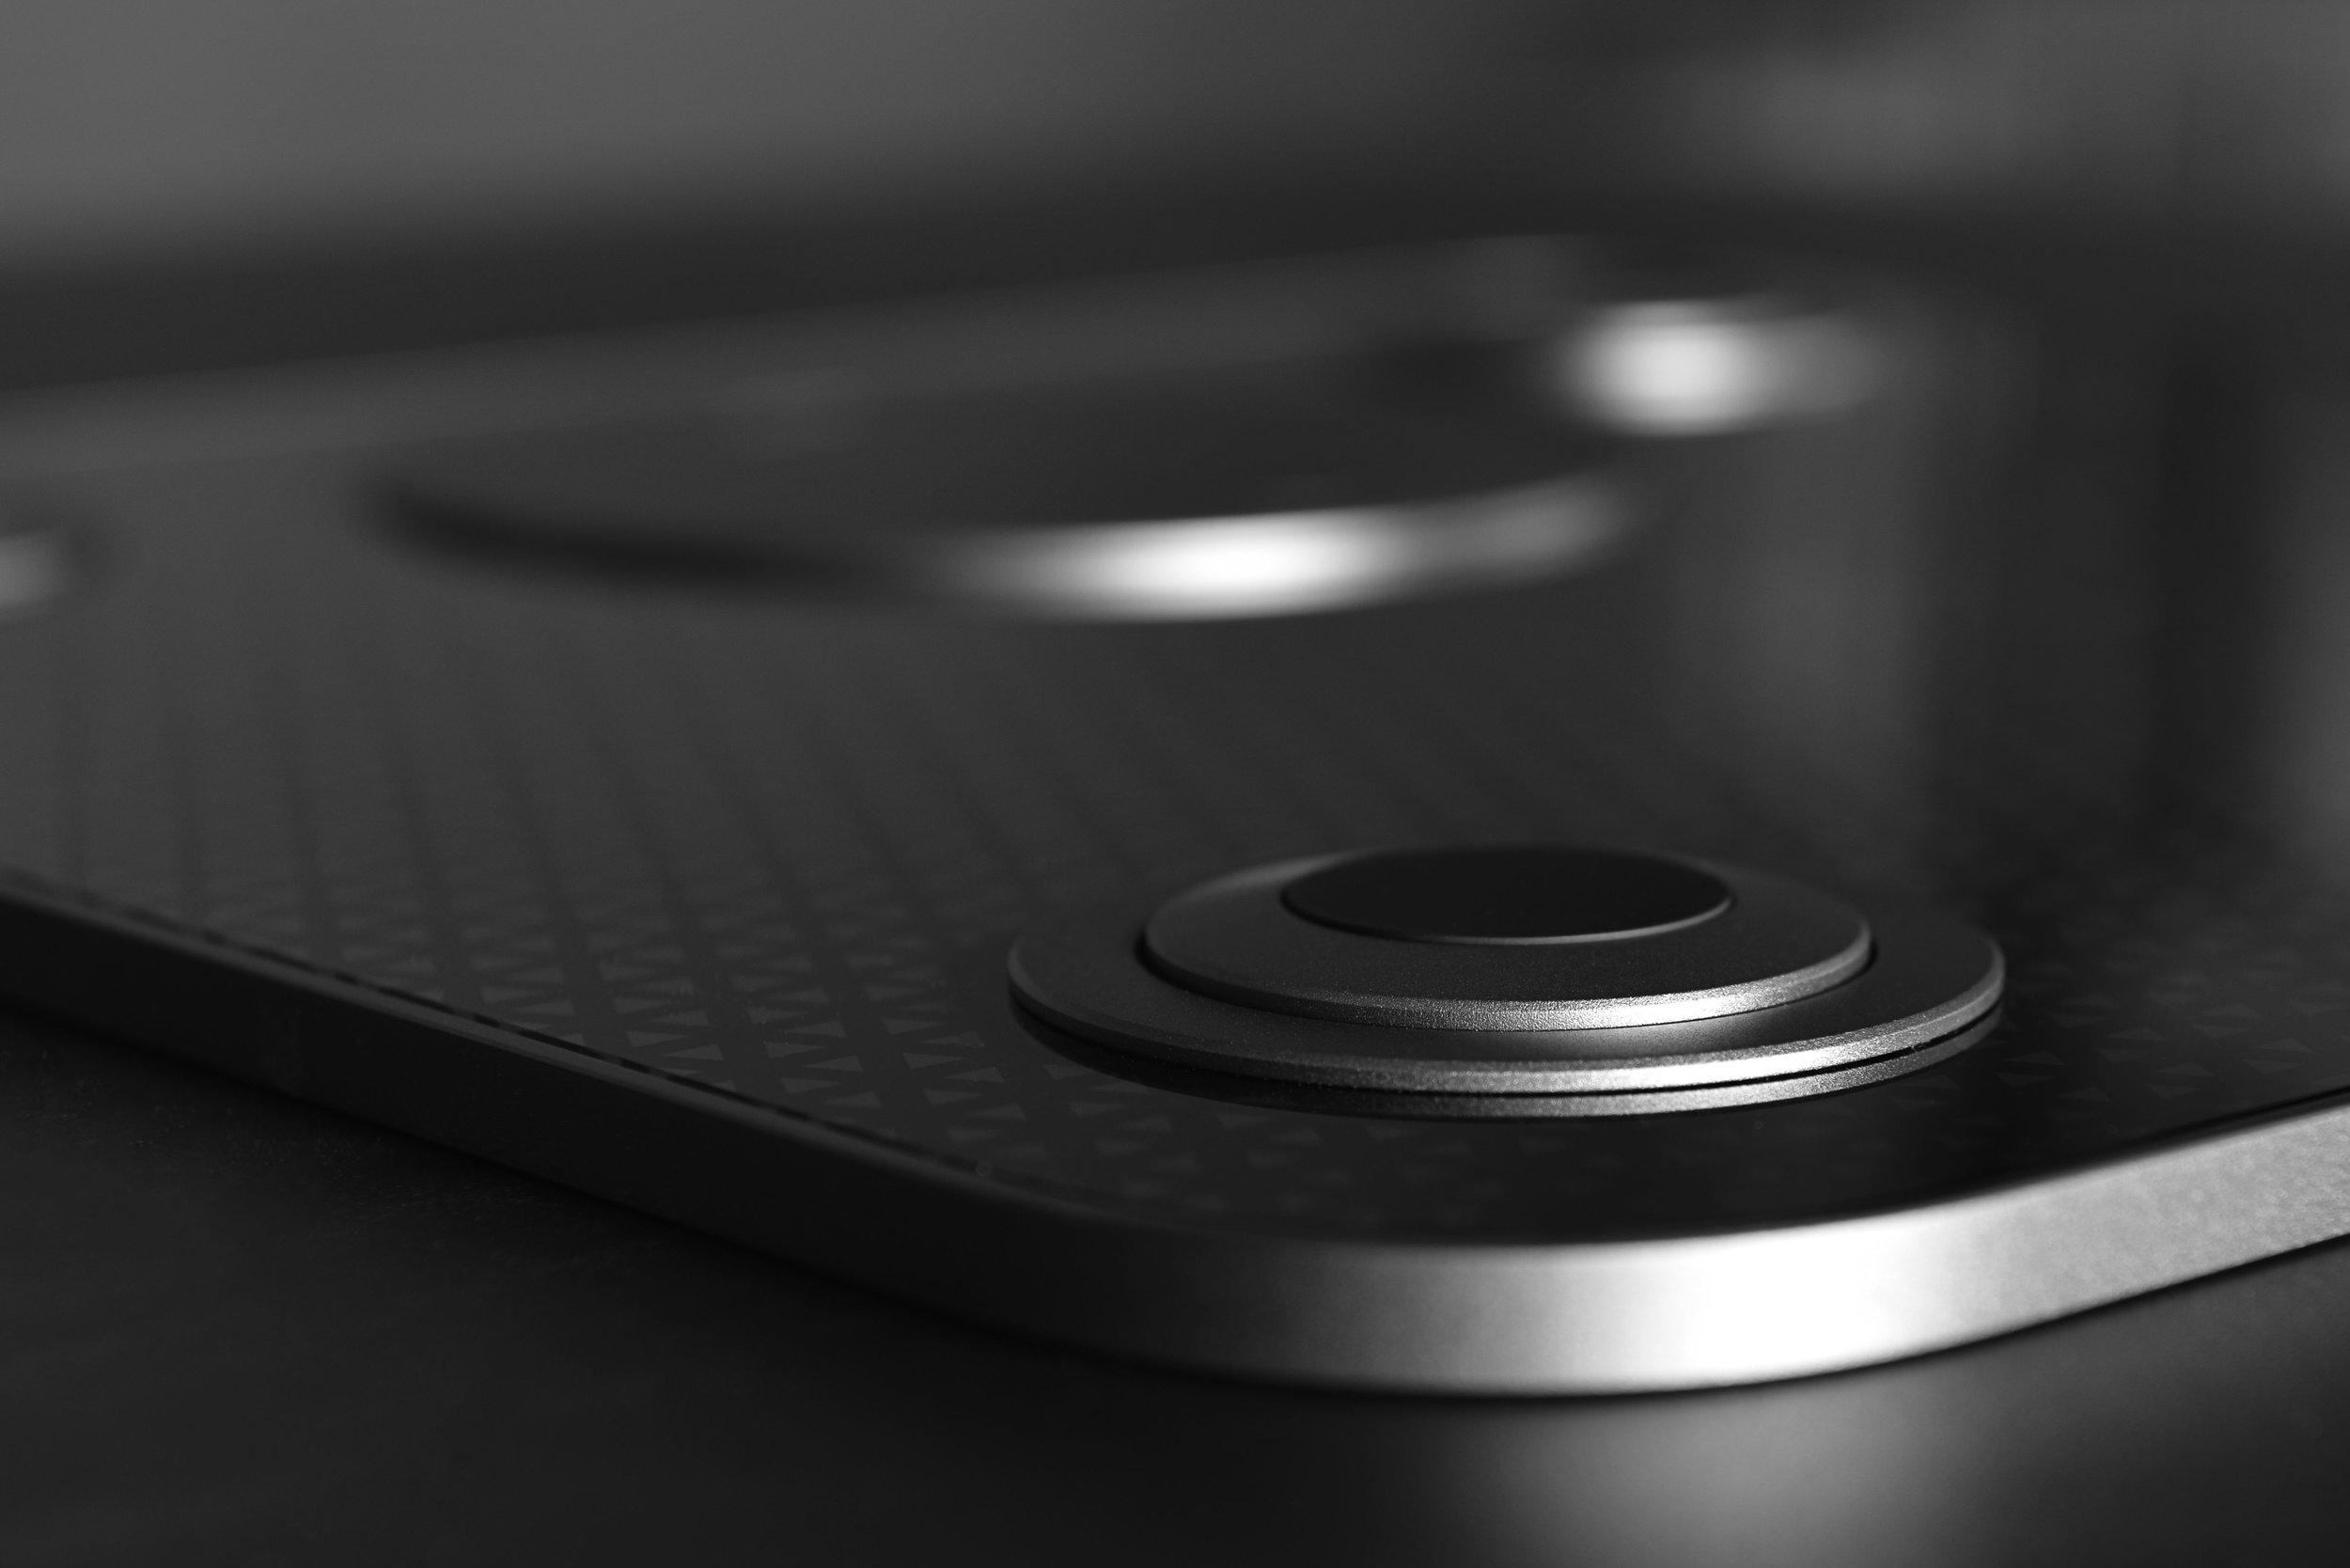 10mm-CES model_underside.jpg